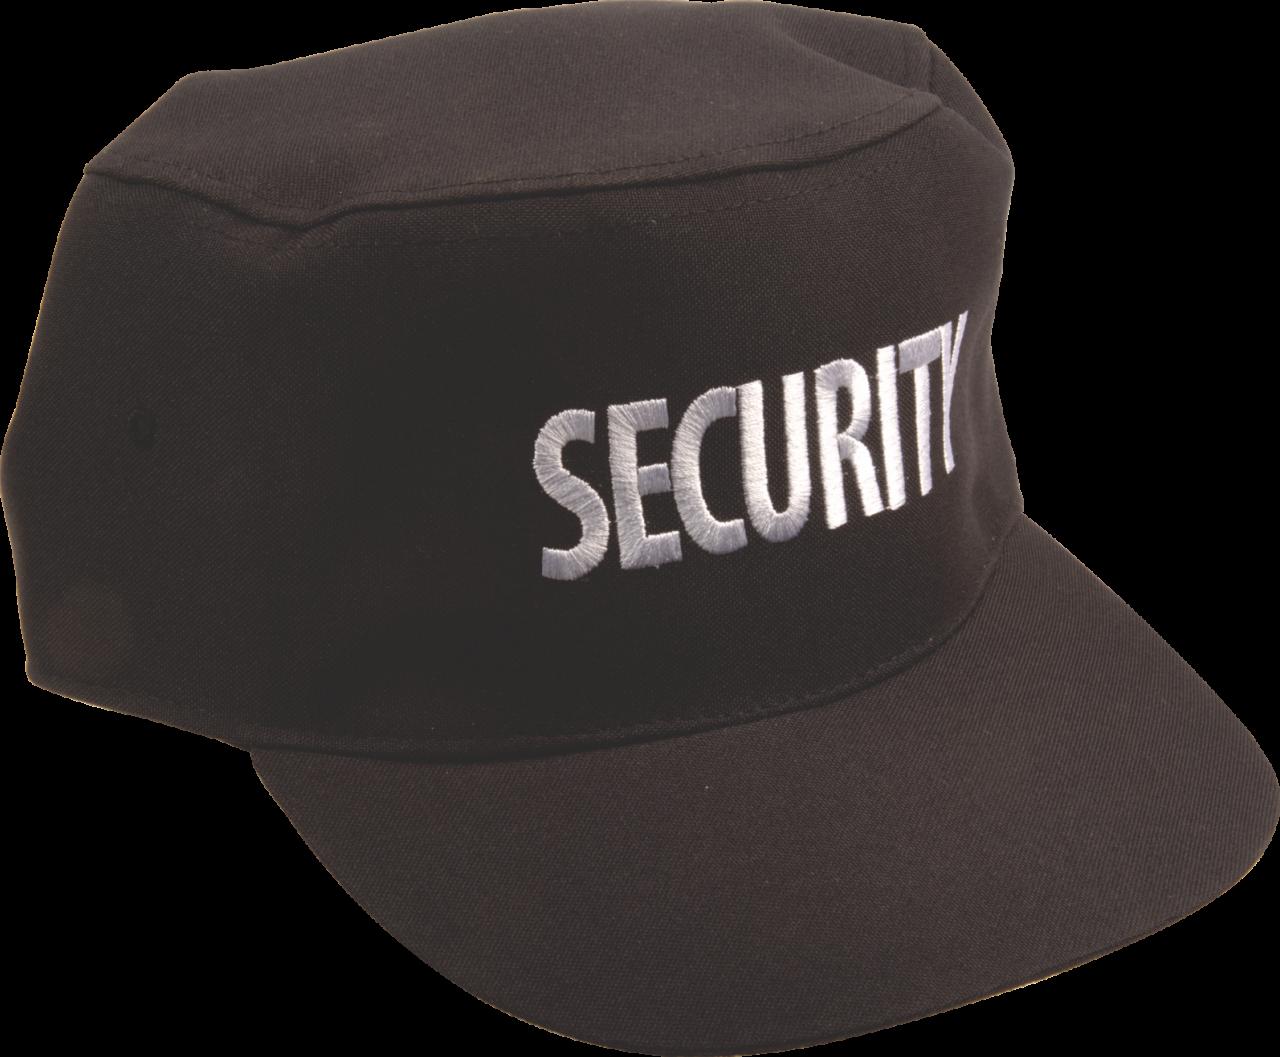 SWAT CAP - SECURITY BRANDING